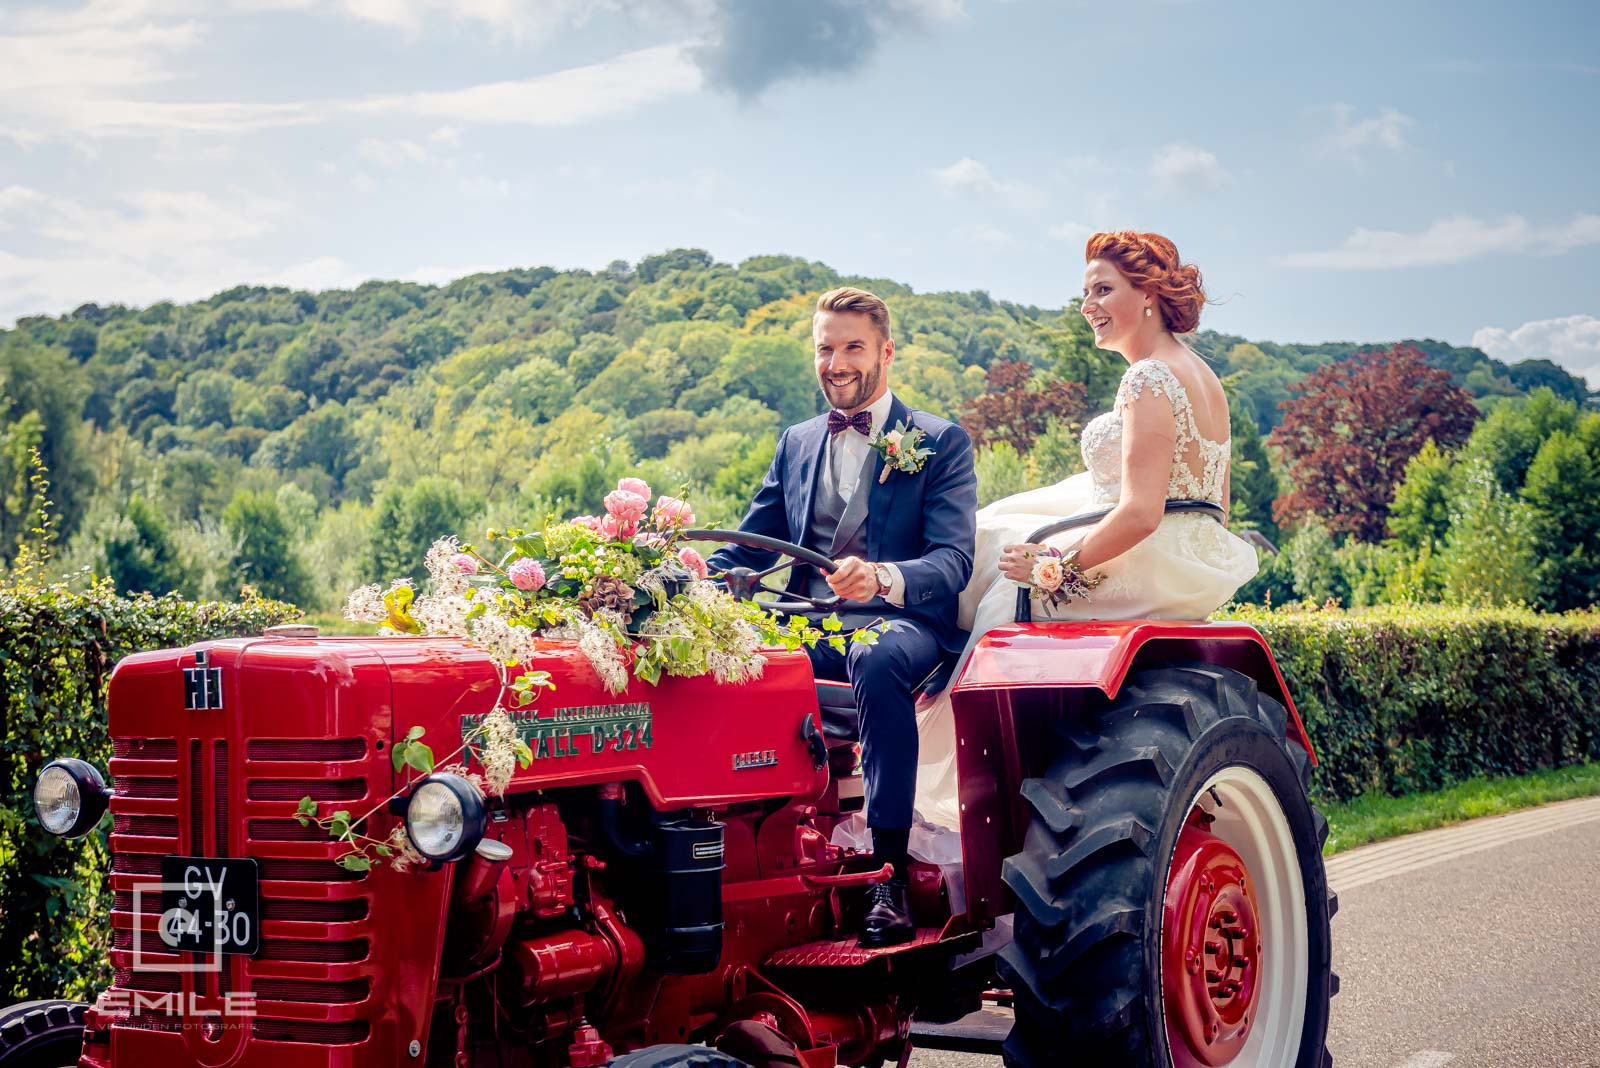 Op weg met de tractor naar de kerk van Wylre met het bruidspaar. Bruiloft Zuid-Limburg